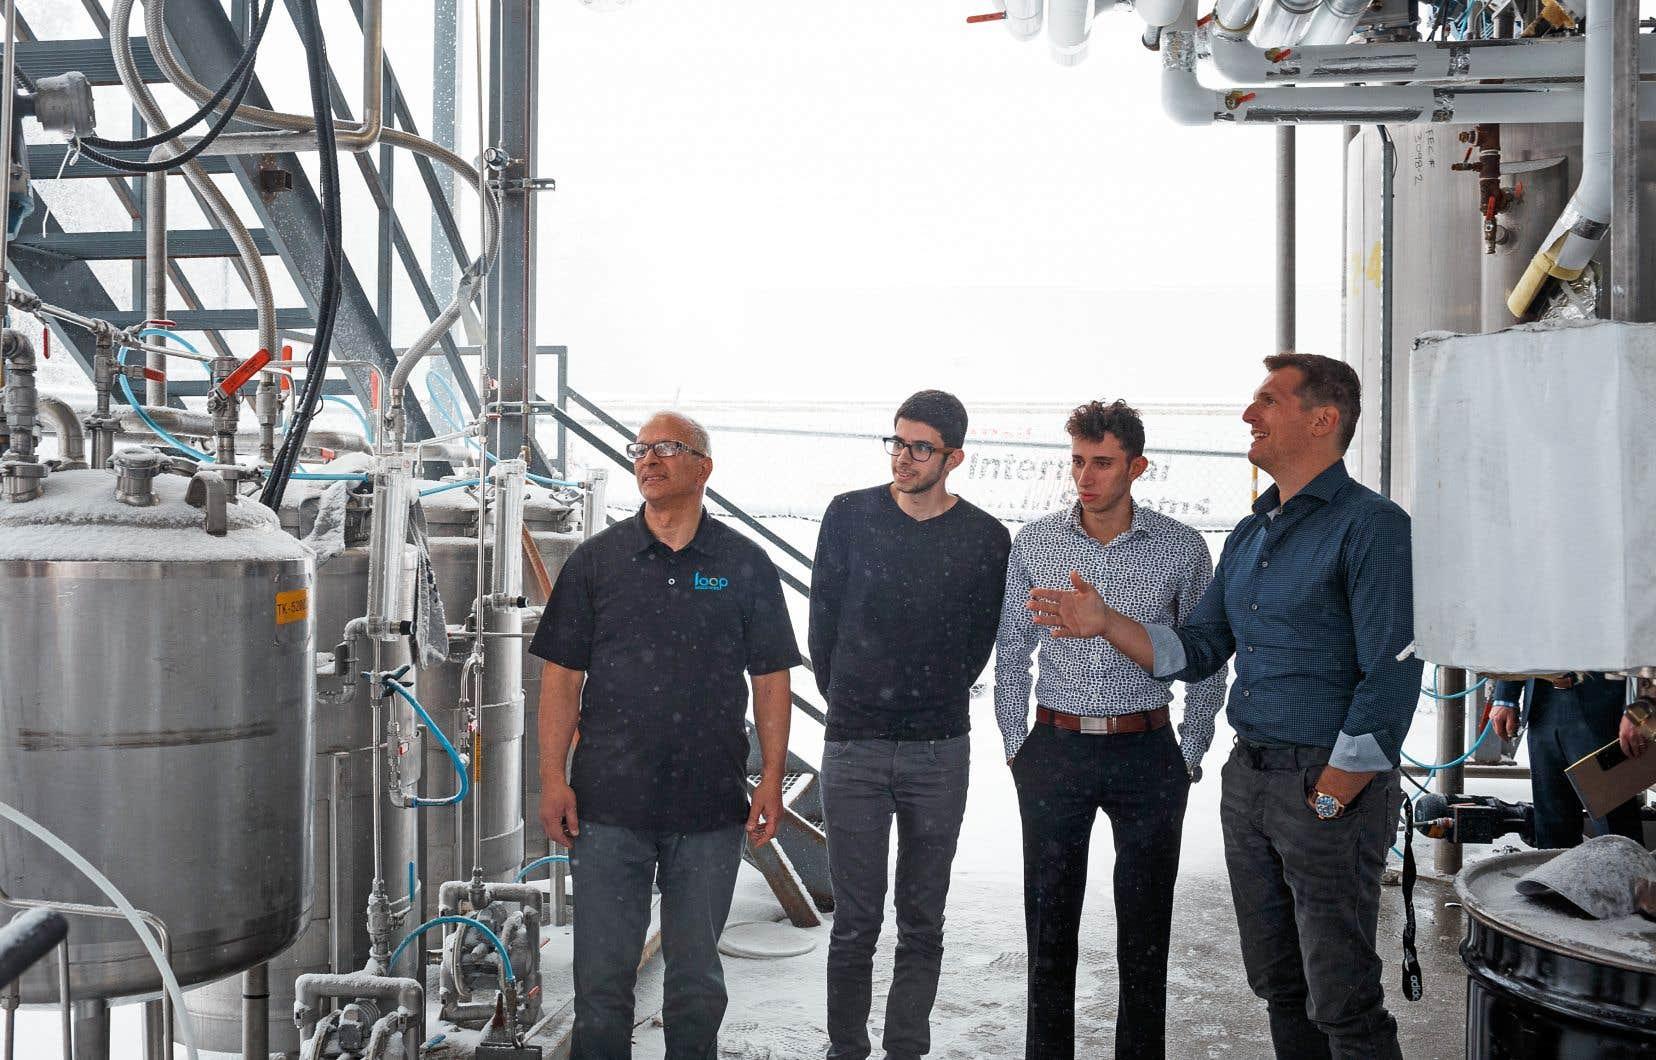 L'homme d'affaires Daniel Solomita, à droite, a su miser sur la technologie développée par le chimiste Athem Essaddam, ainsi que par ses fils Fares et Adel, pour créer Loop Industries.